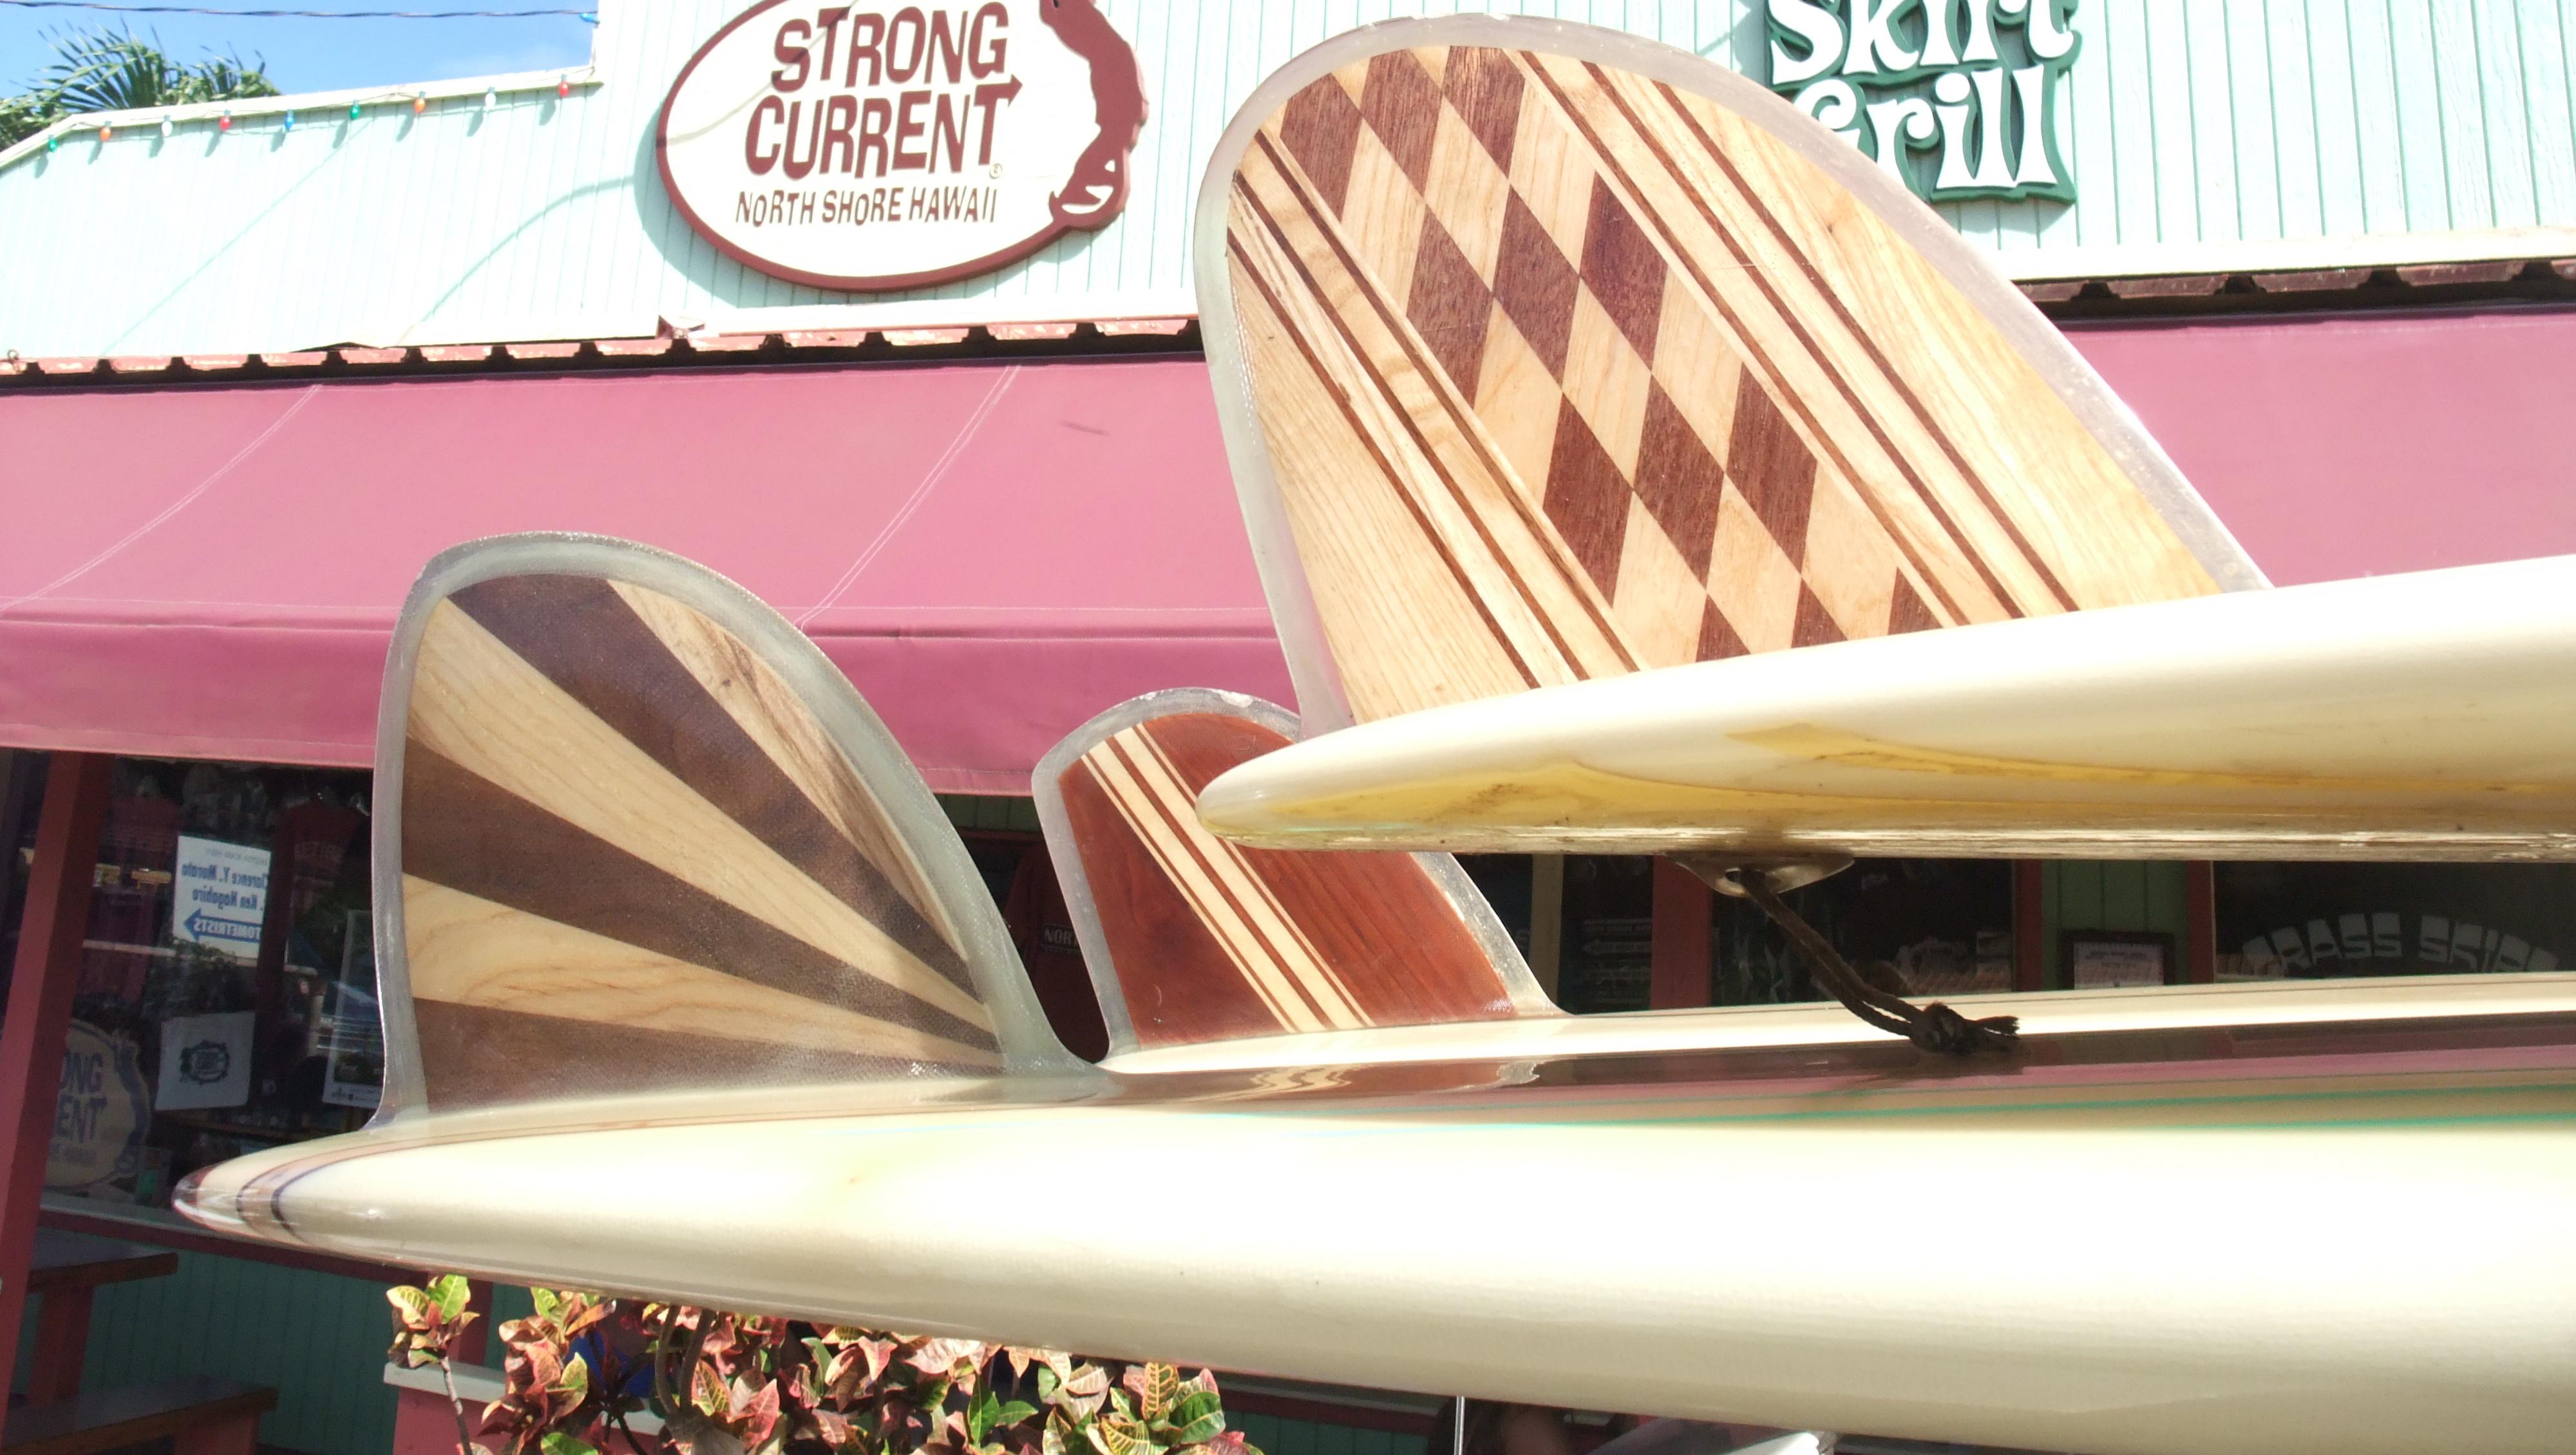 Dérives old school en bois posées sur de vieux longboard vintage